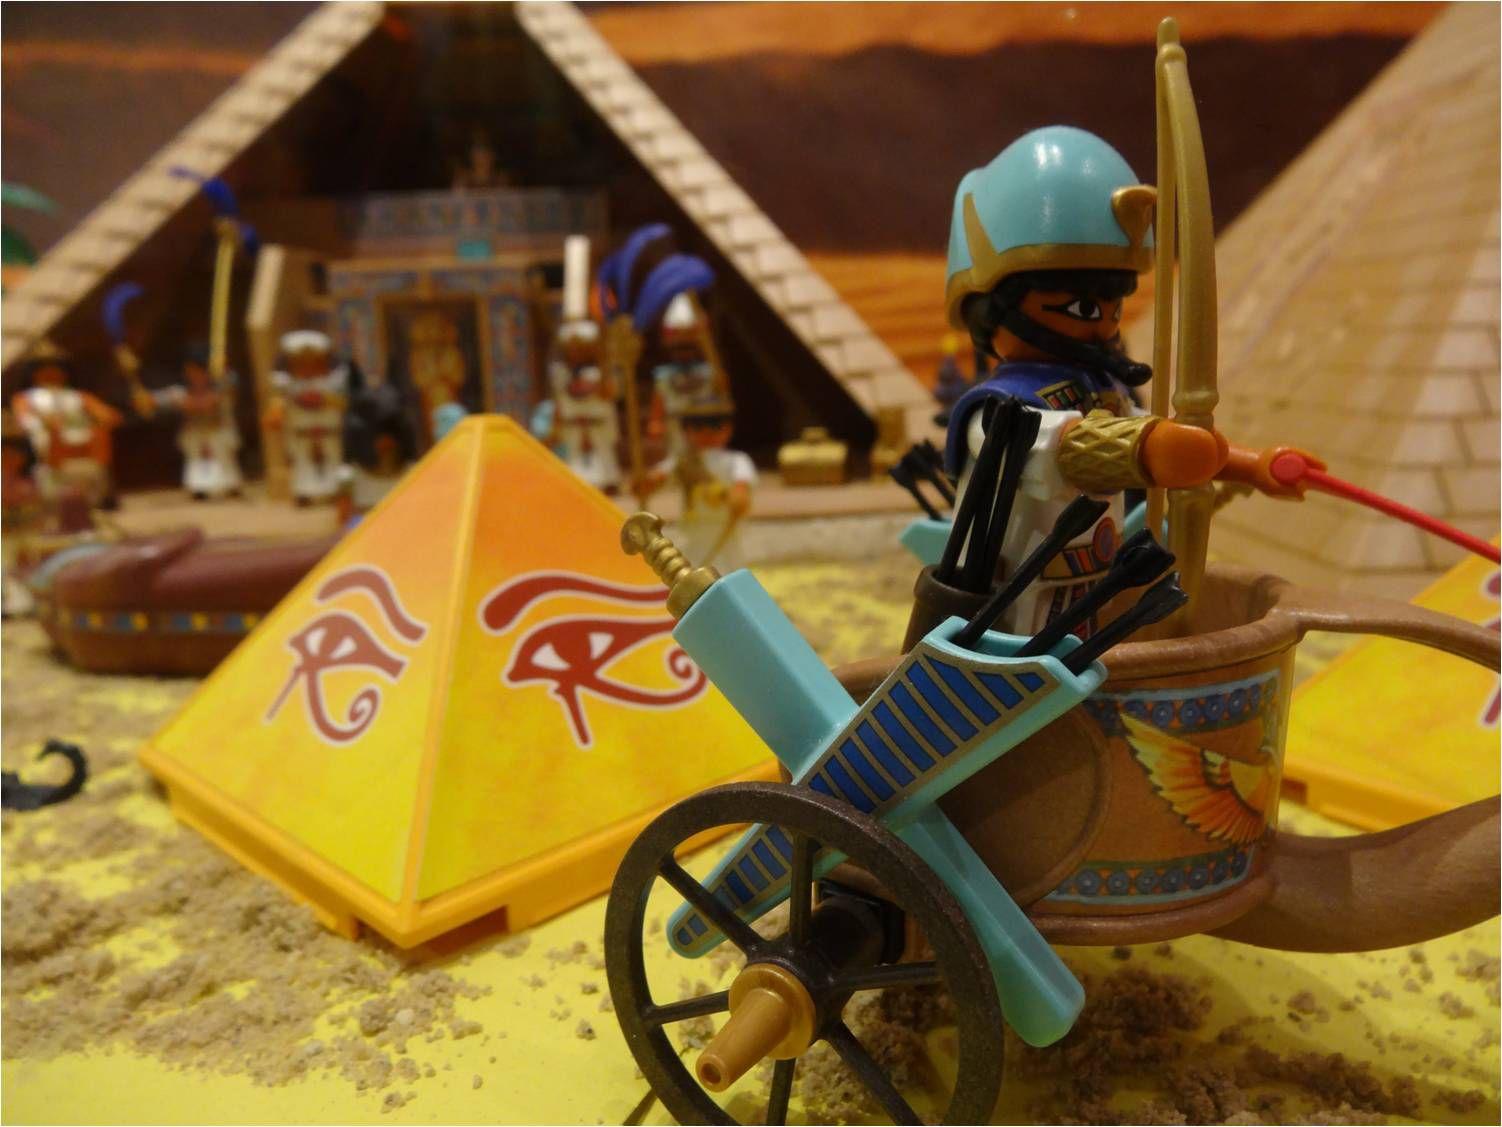 Exposition des 40 ans Playmobil au Musée du Jouet de Moirans